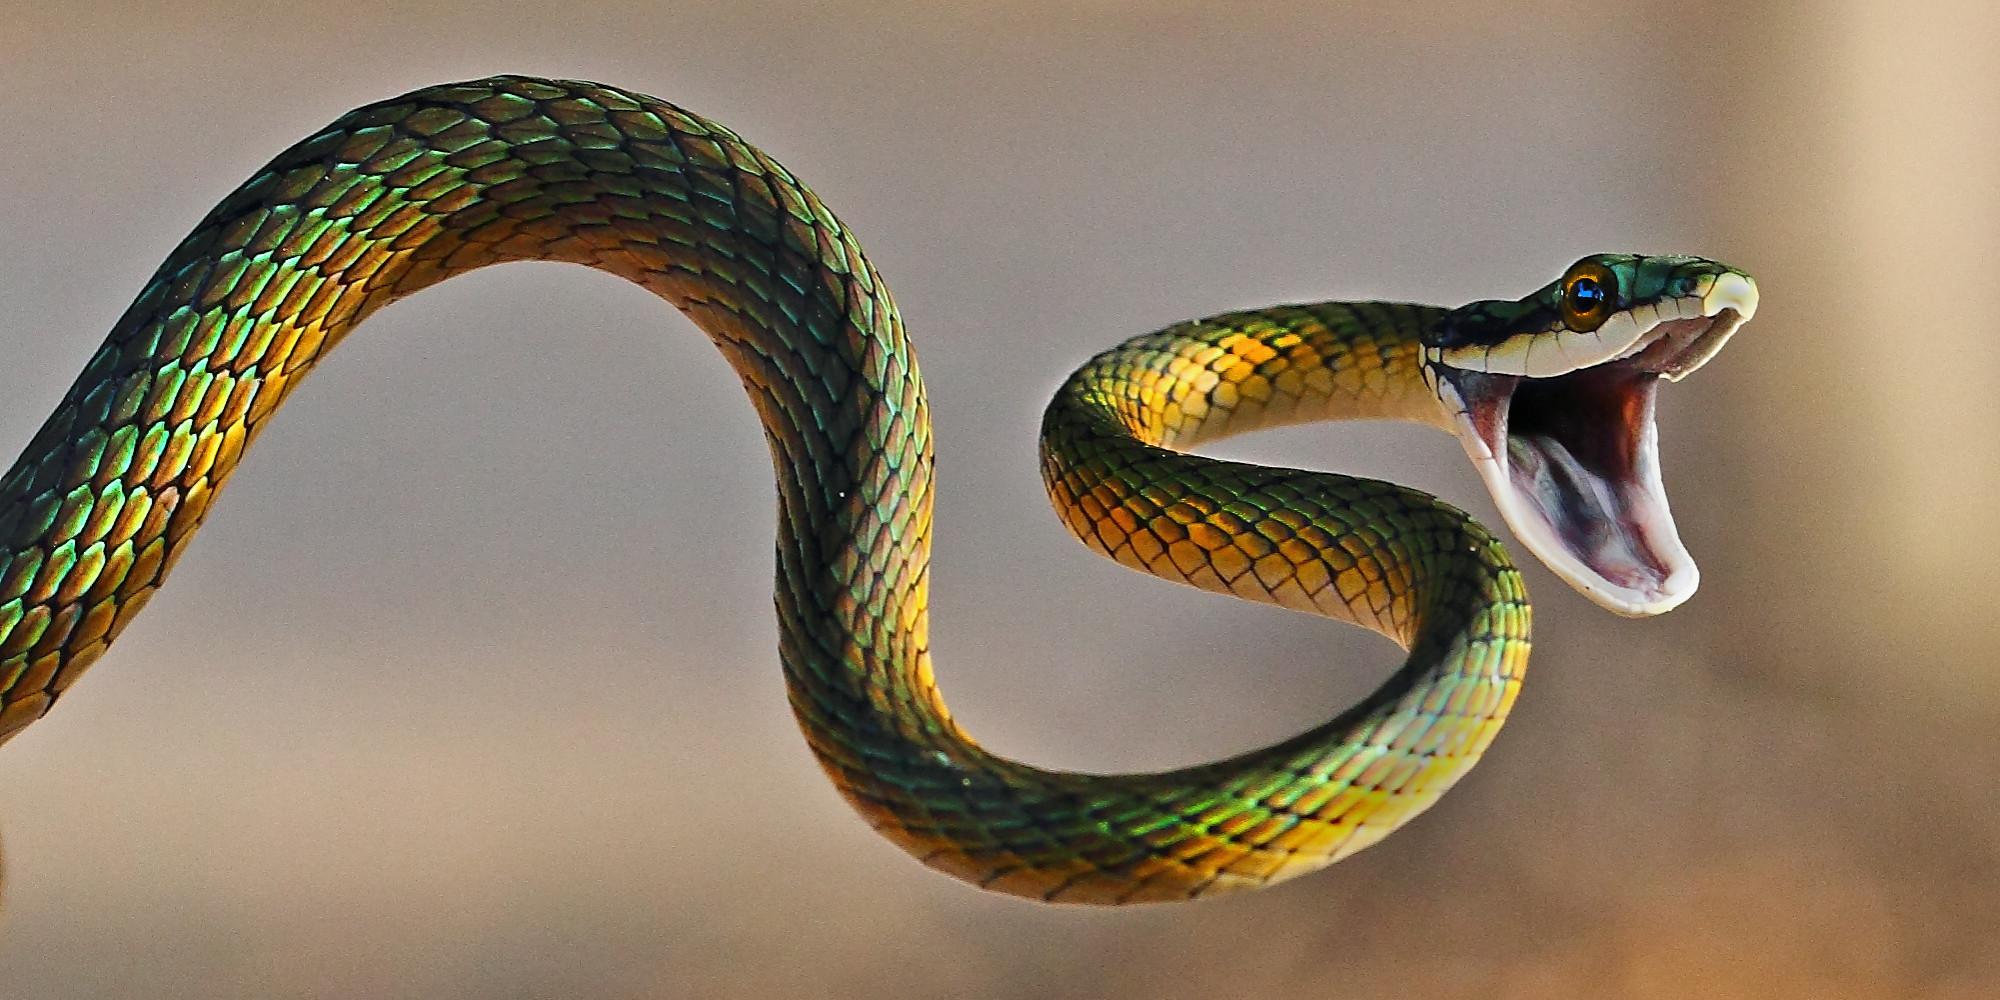 87 10 2317 Snake Um dos maiores clássicos dos games está aqui no Mania de Jogos! Controle a cobrinha nos Jogos de Snake e tenha muito cuidado para não se